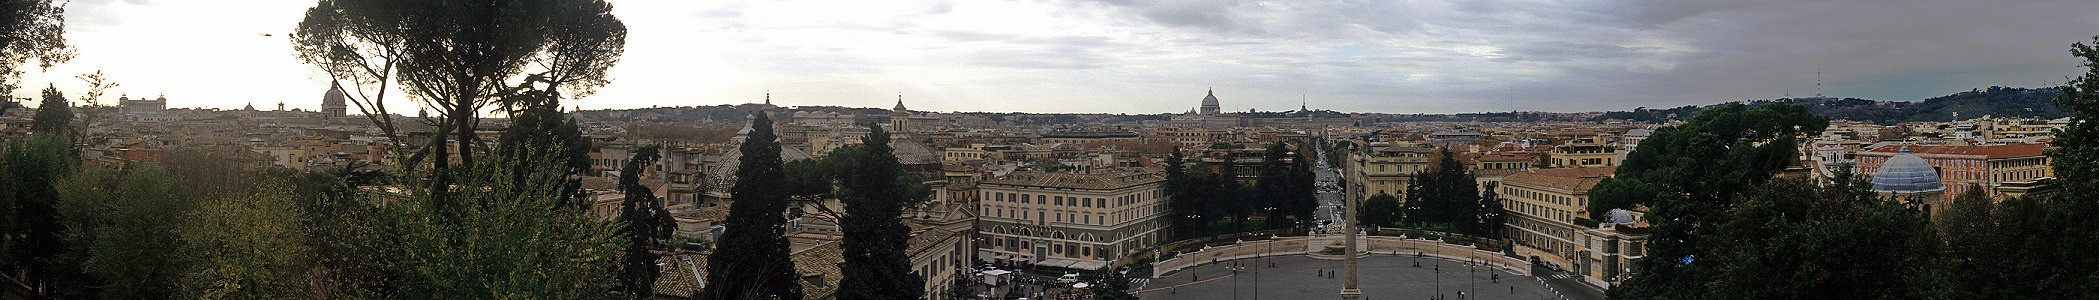 Blick vom Piazzale Napoleone: Piazza del Popolo Rom